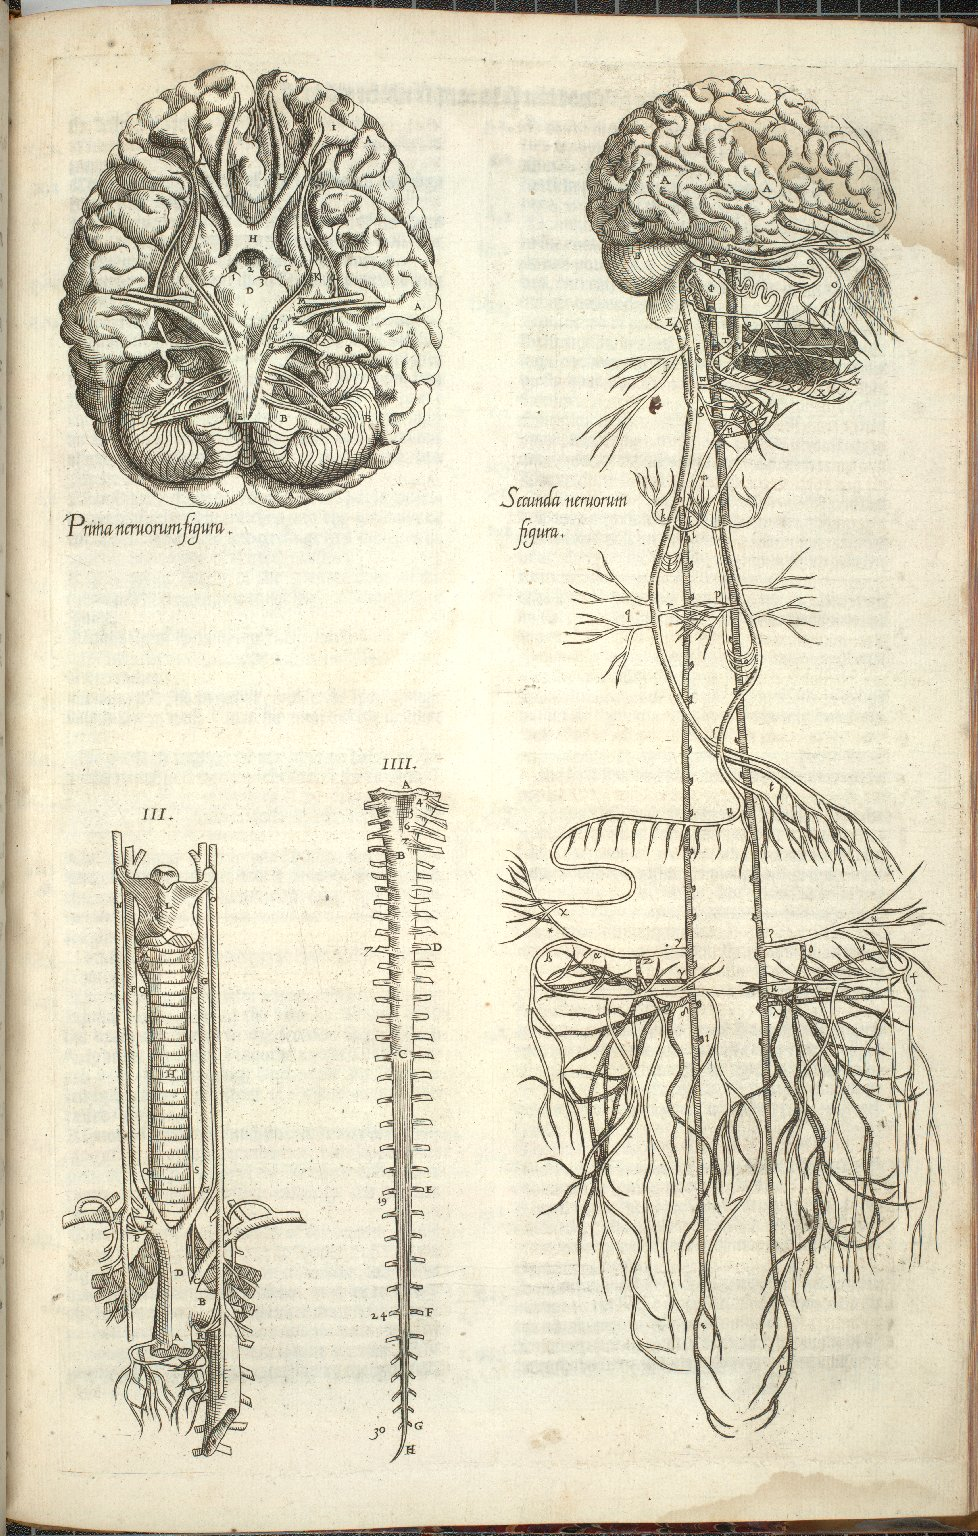 Prima Nervorem Figura, Secunda Nervorum Figura